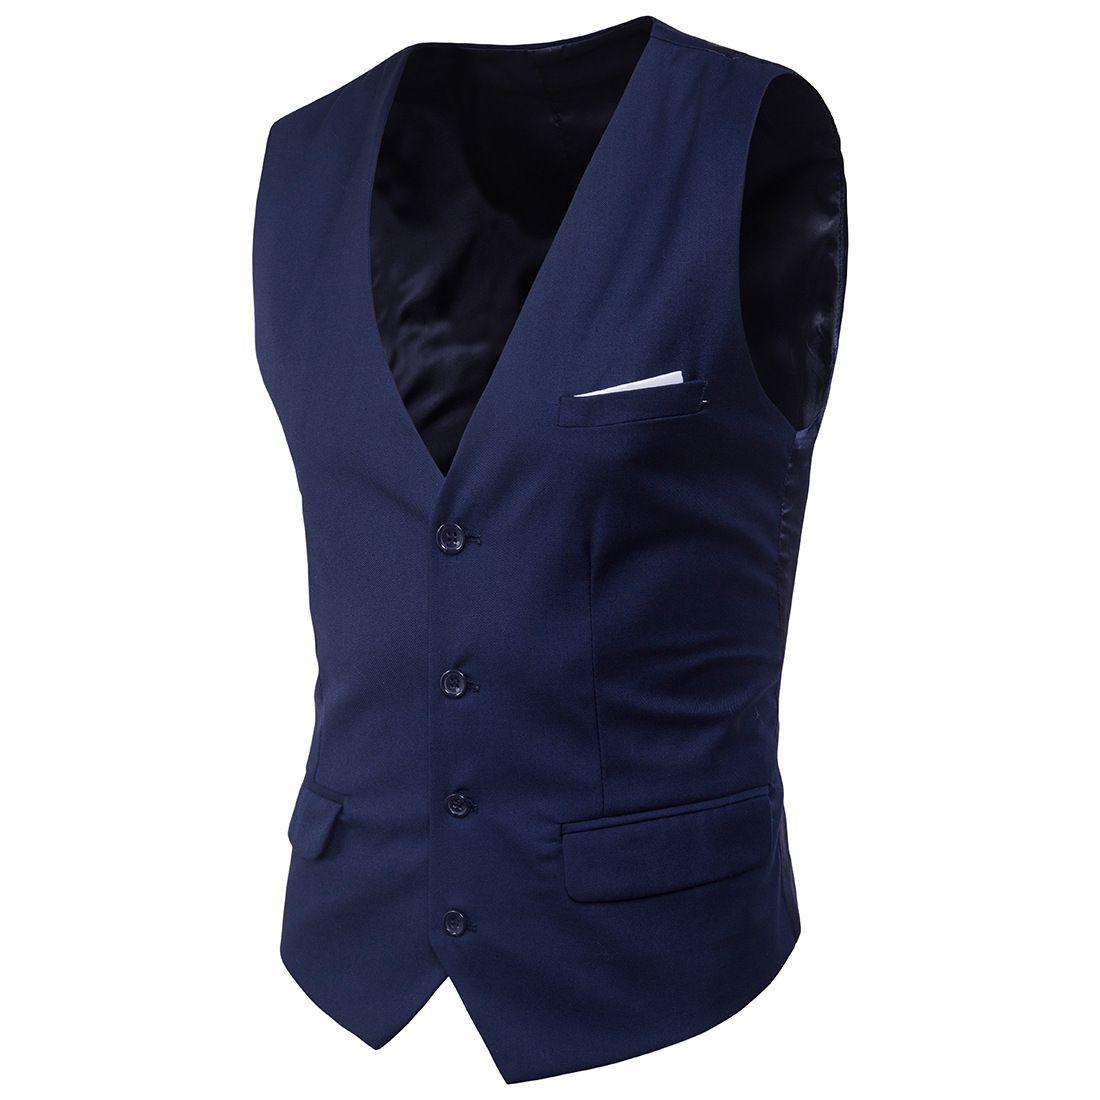 Acheter veste chinoise homme